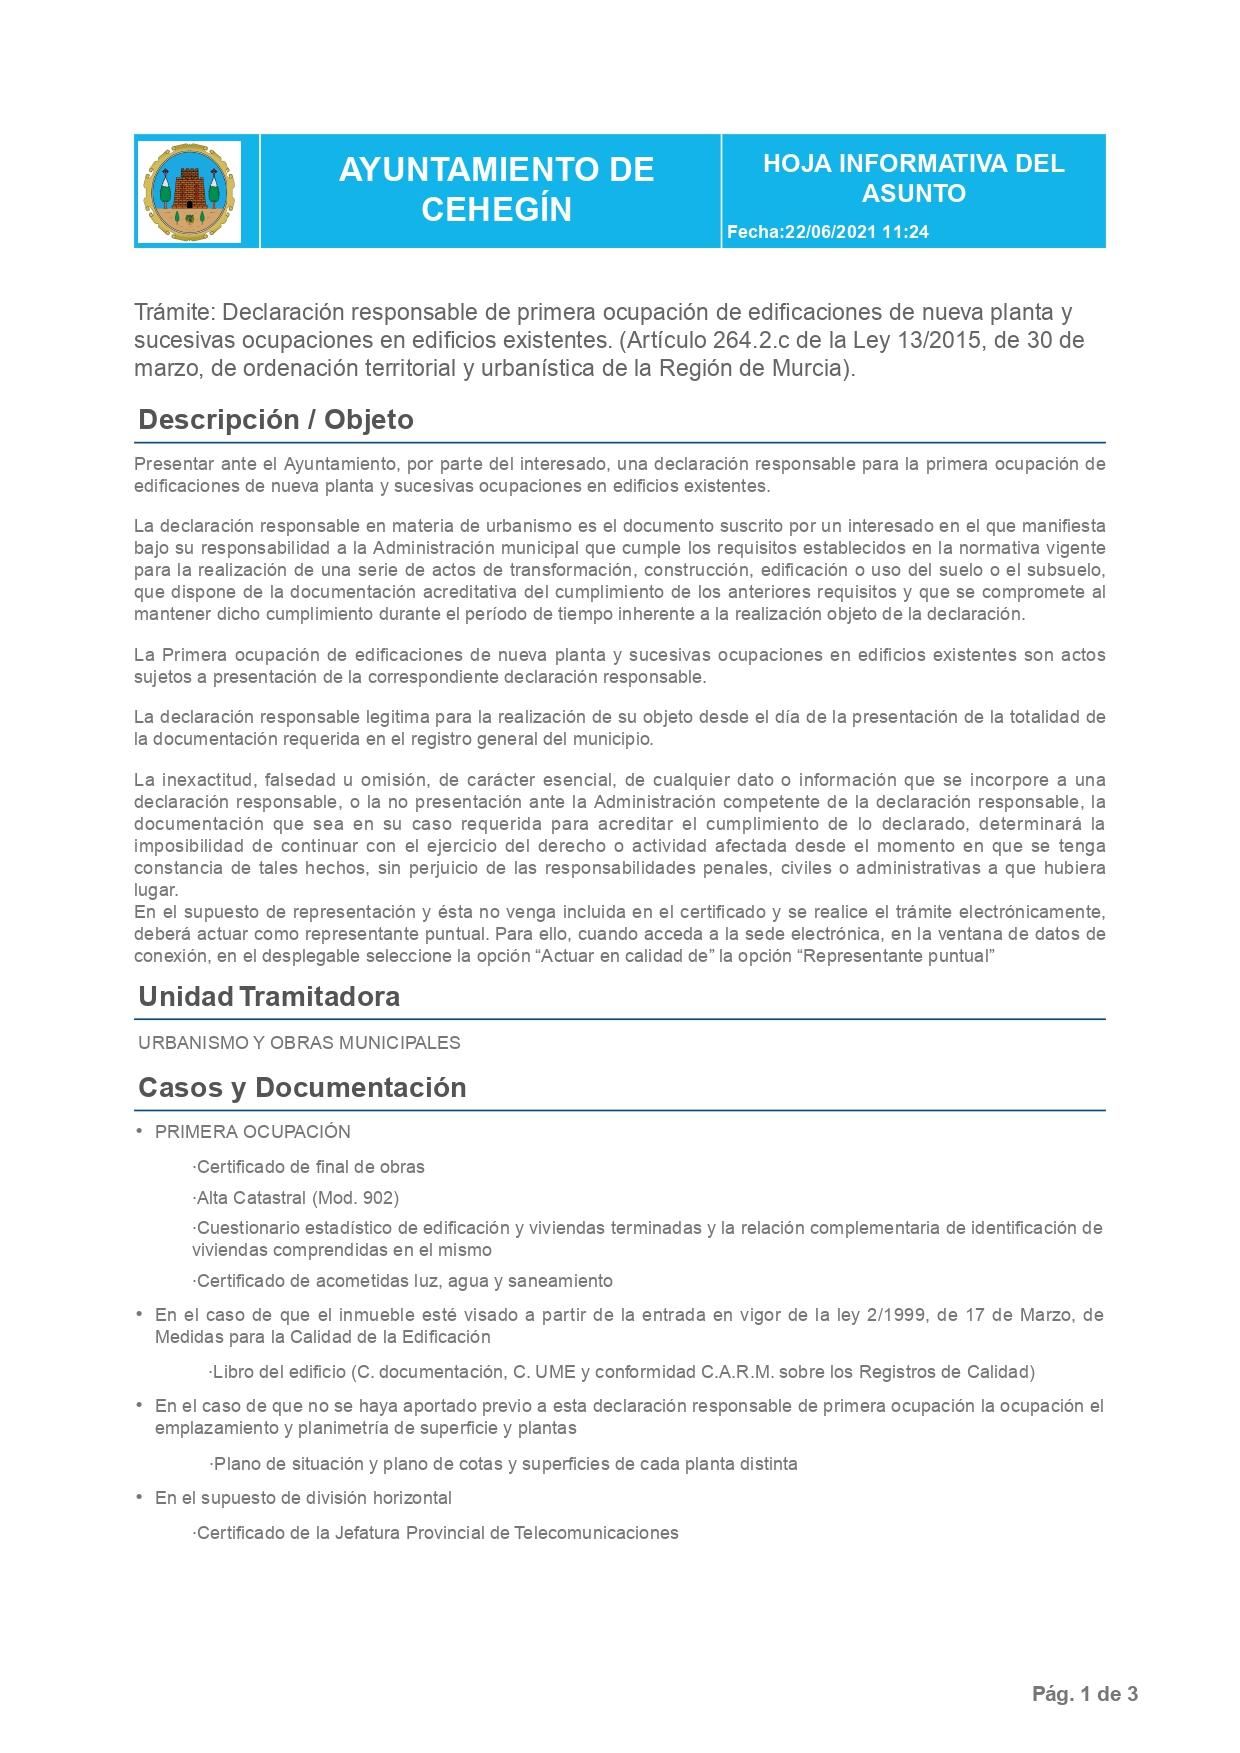 Declaración Responsable Segunda Ocupación Cehegín